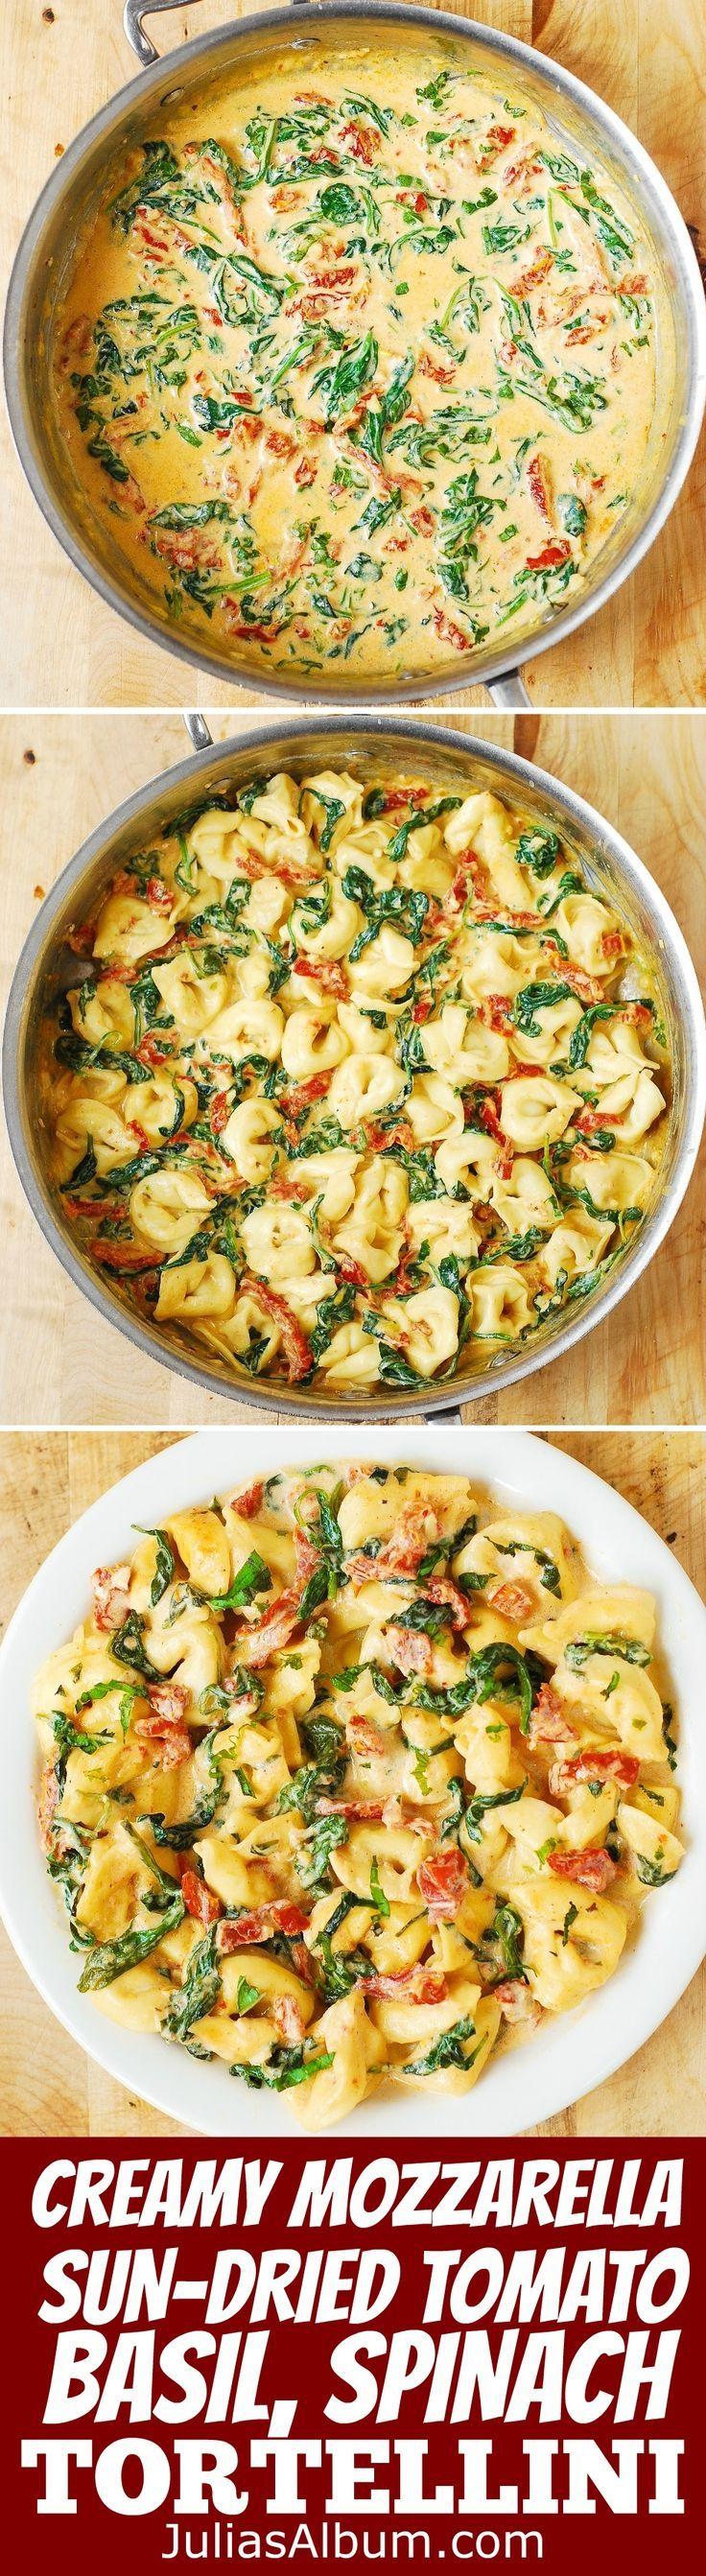 Creamy Mozzarella Sun-Dried Tomato Basil Spinach Tortellini #comfortfoods